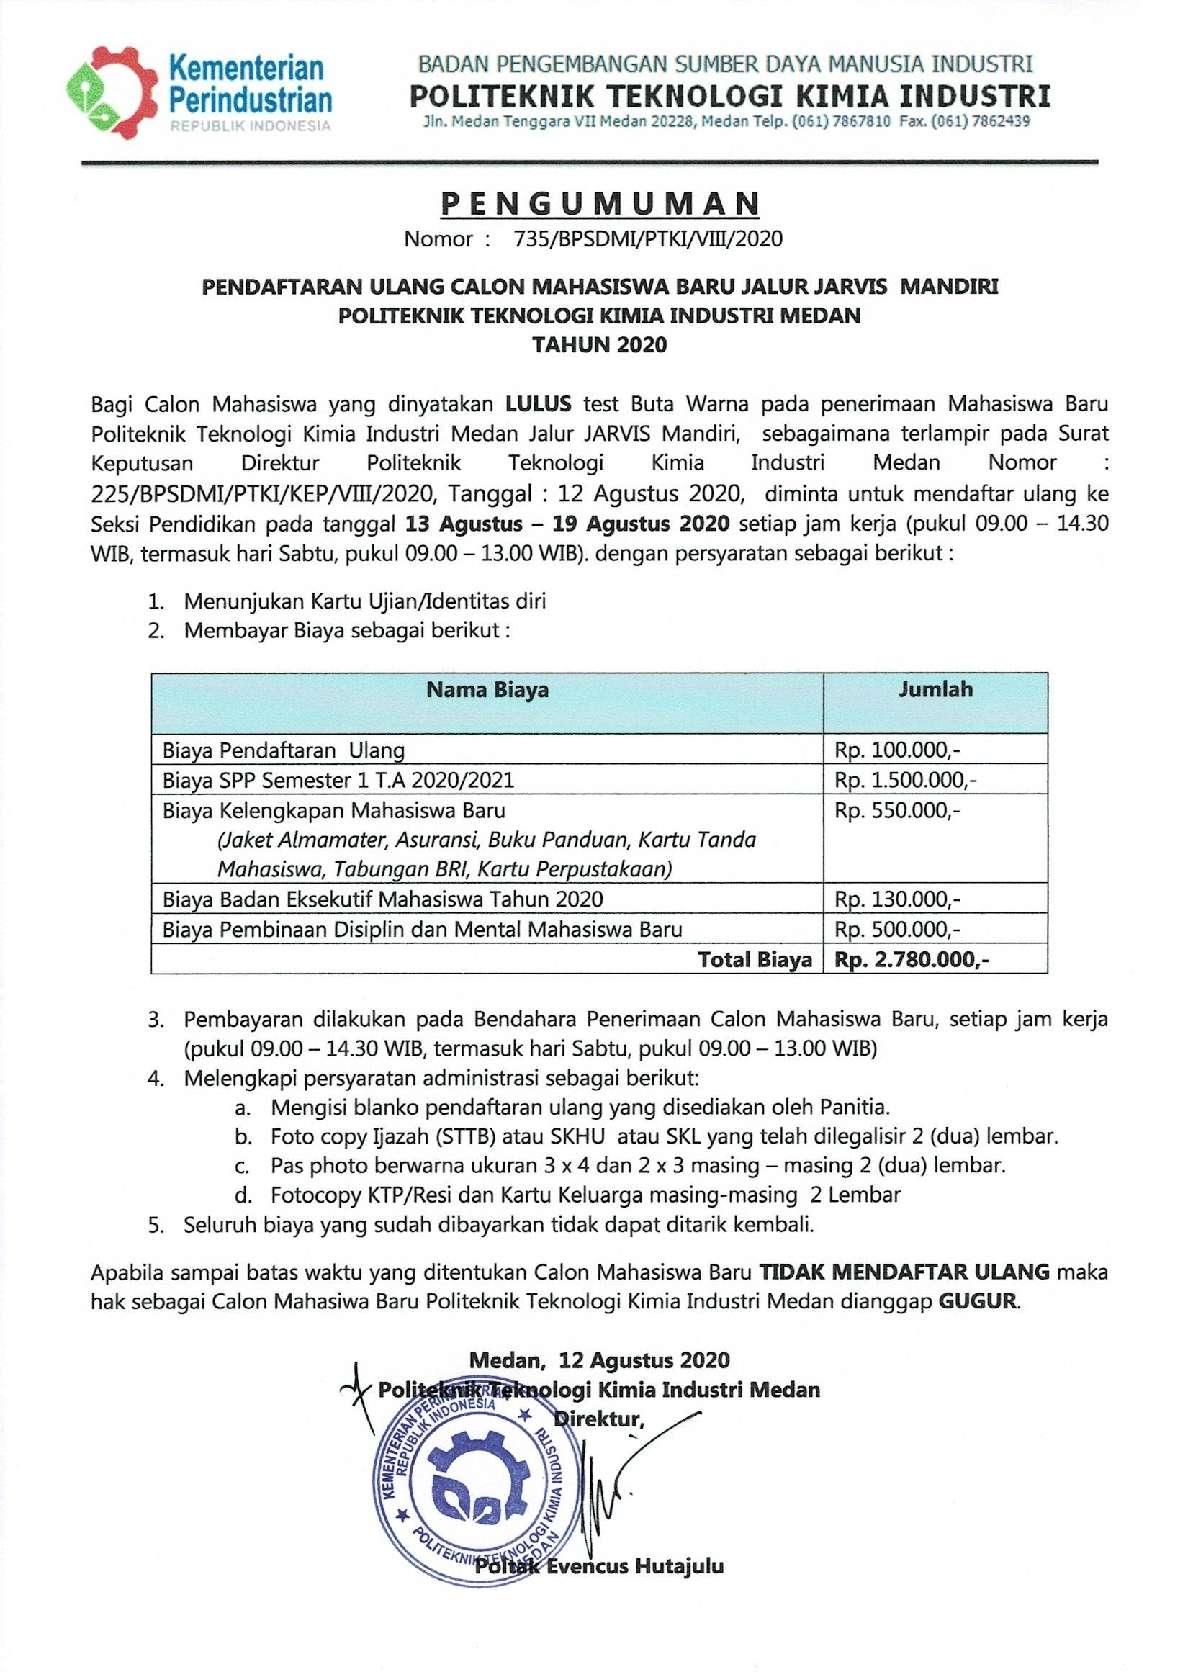 PENGUMUMAN DAFTAR ULANG JARVIS MANDIRI 20201